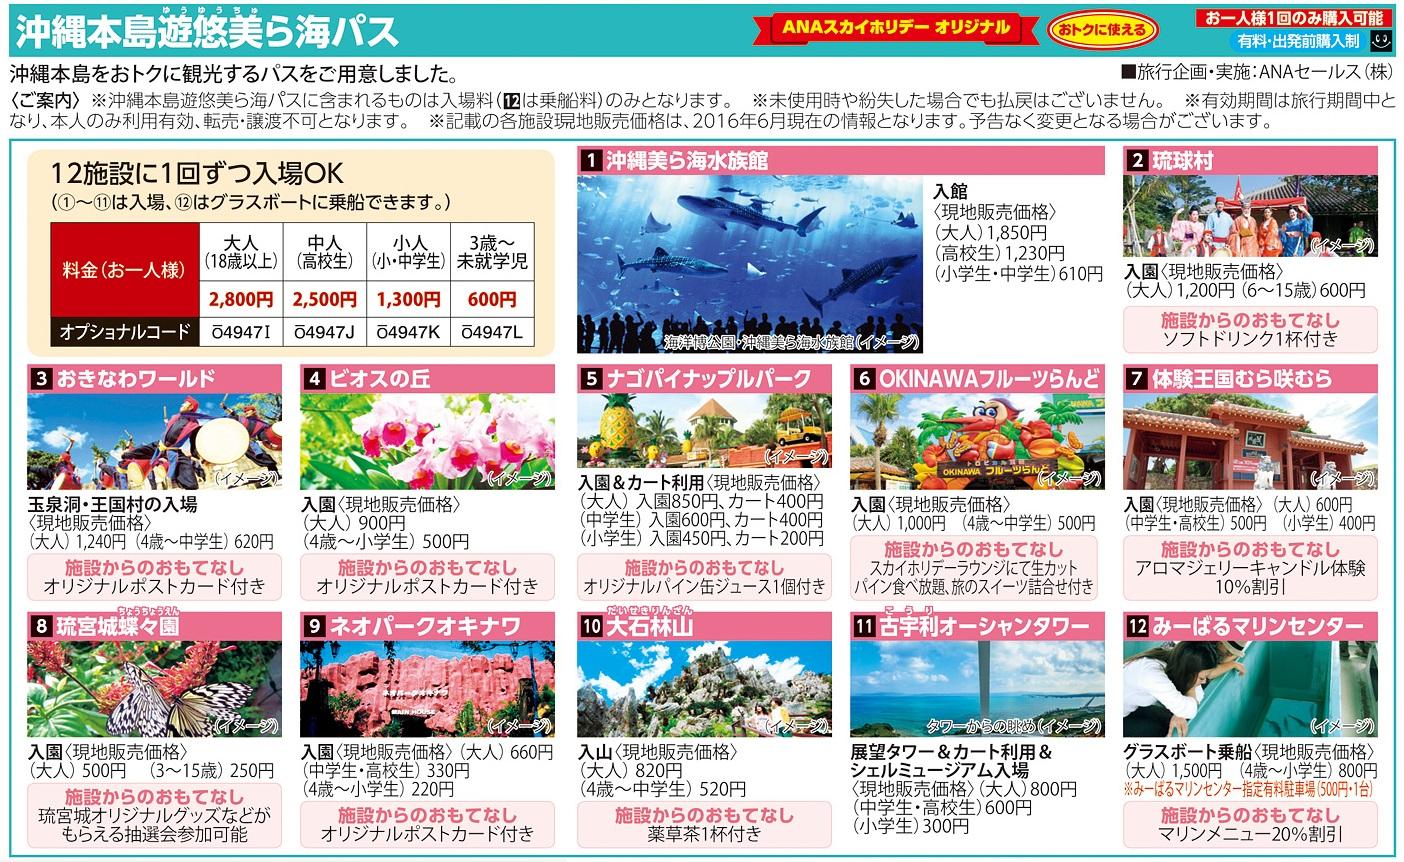 「遊悠(ゆうゆう)美ら海パス」があれば、沖縄美ら海水族館や琉球村など人気の観光12施設がたった大人2,800円で各1回ずつ入場可!